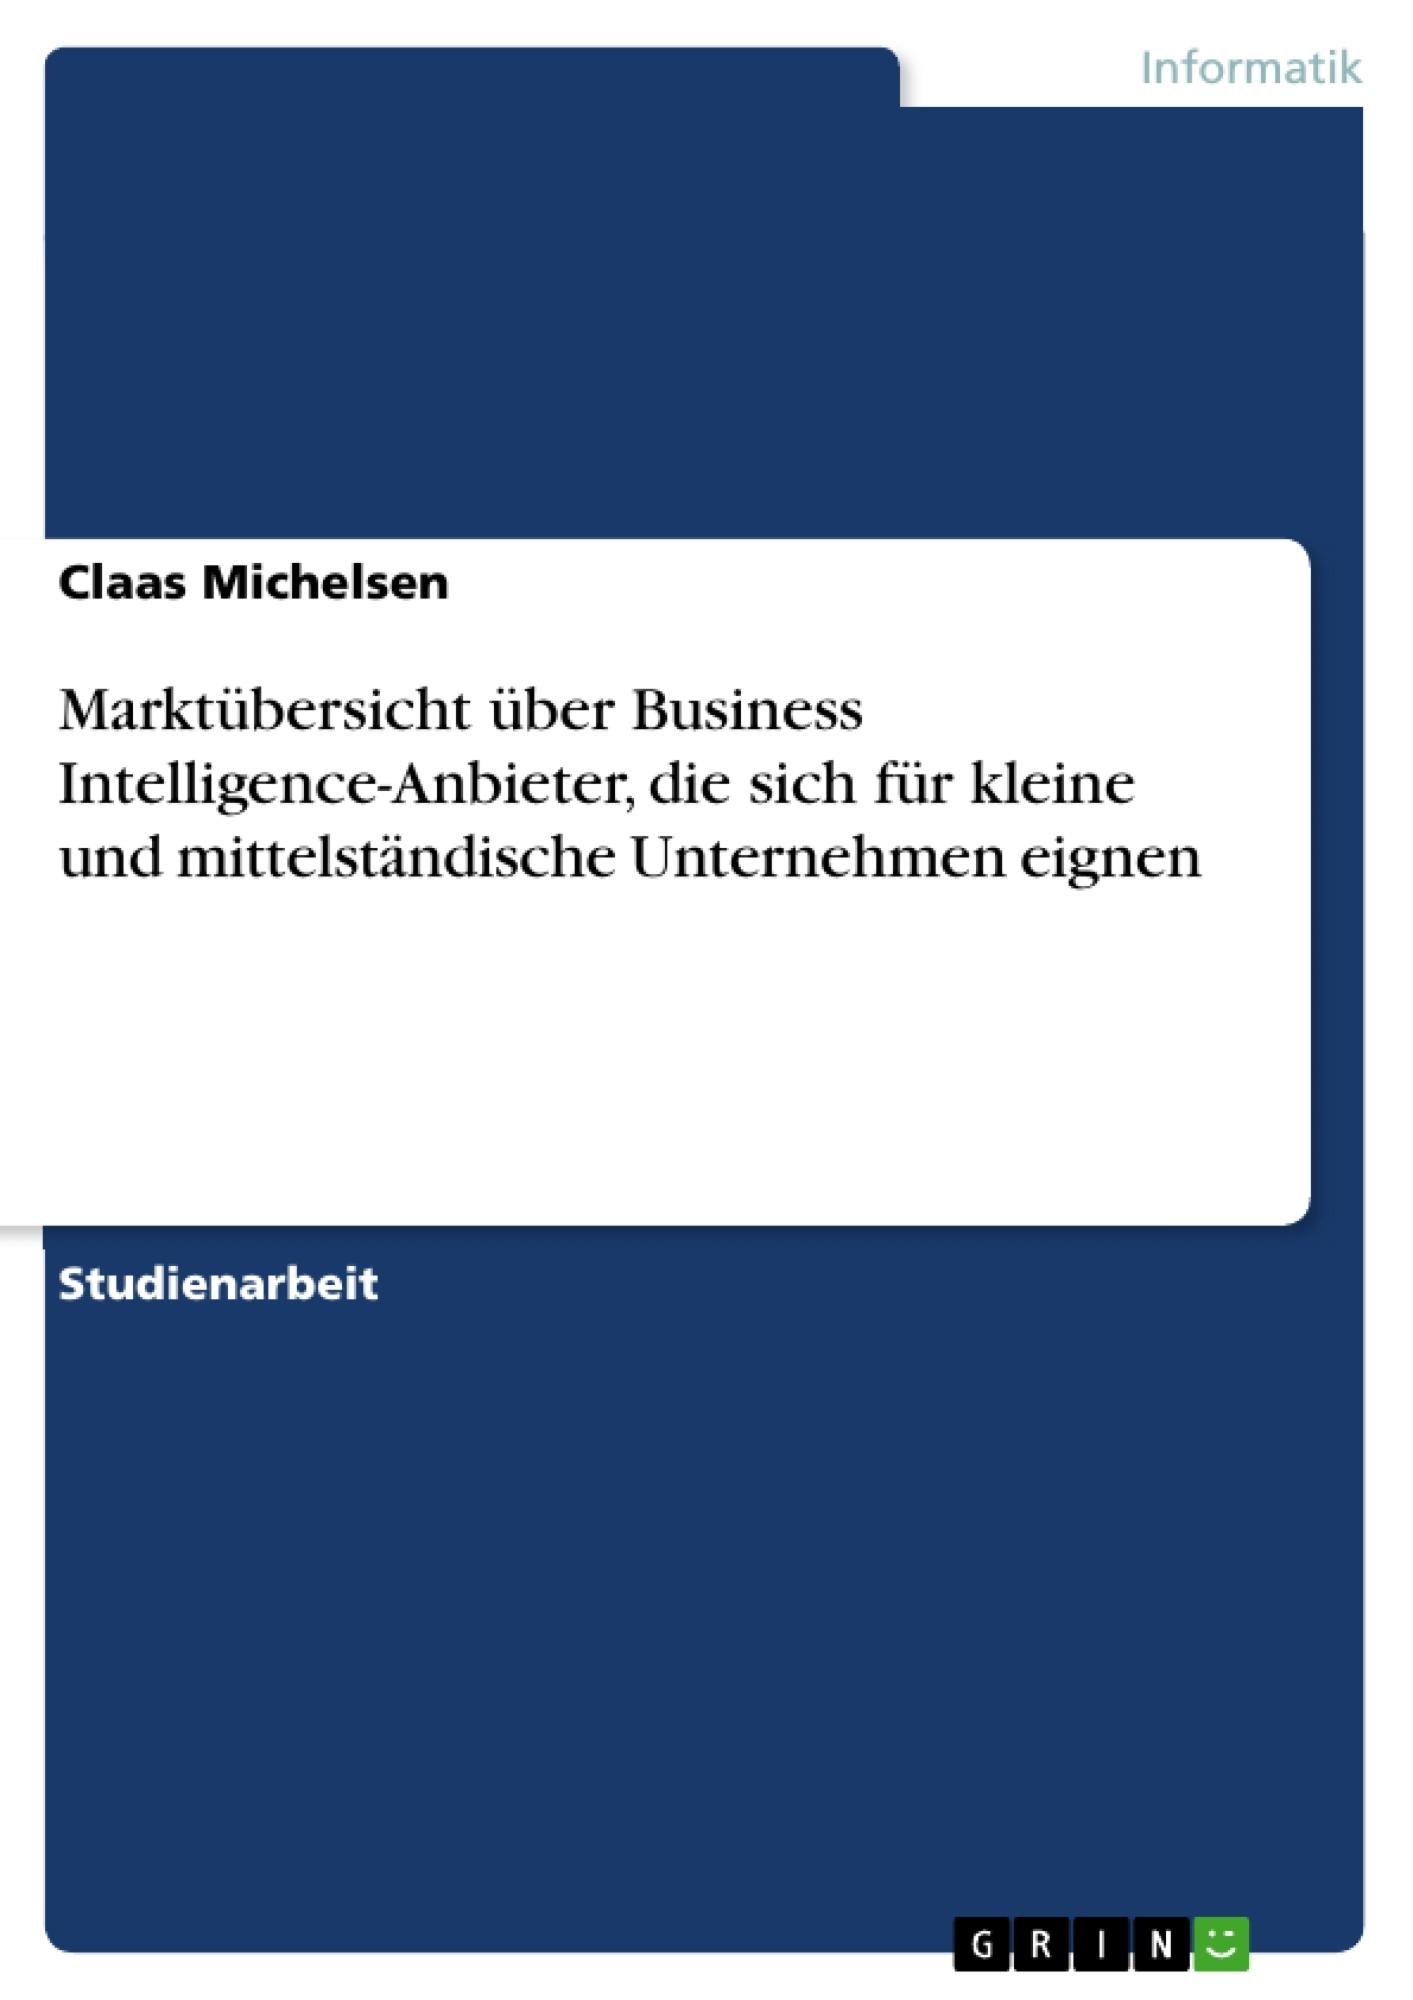 Titel: Marktübersicht über Business Intelligence-Anbieter, die sich für kleine und mittelständische Unternehmen eignen